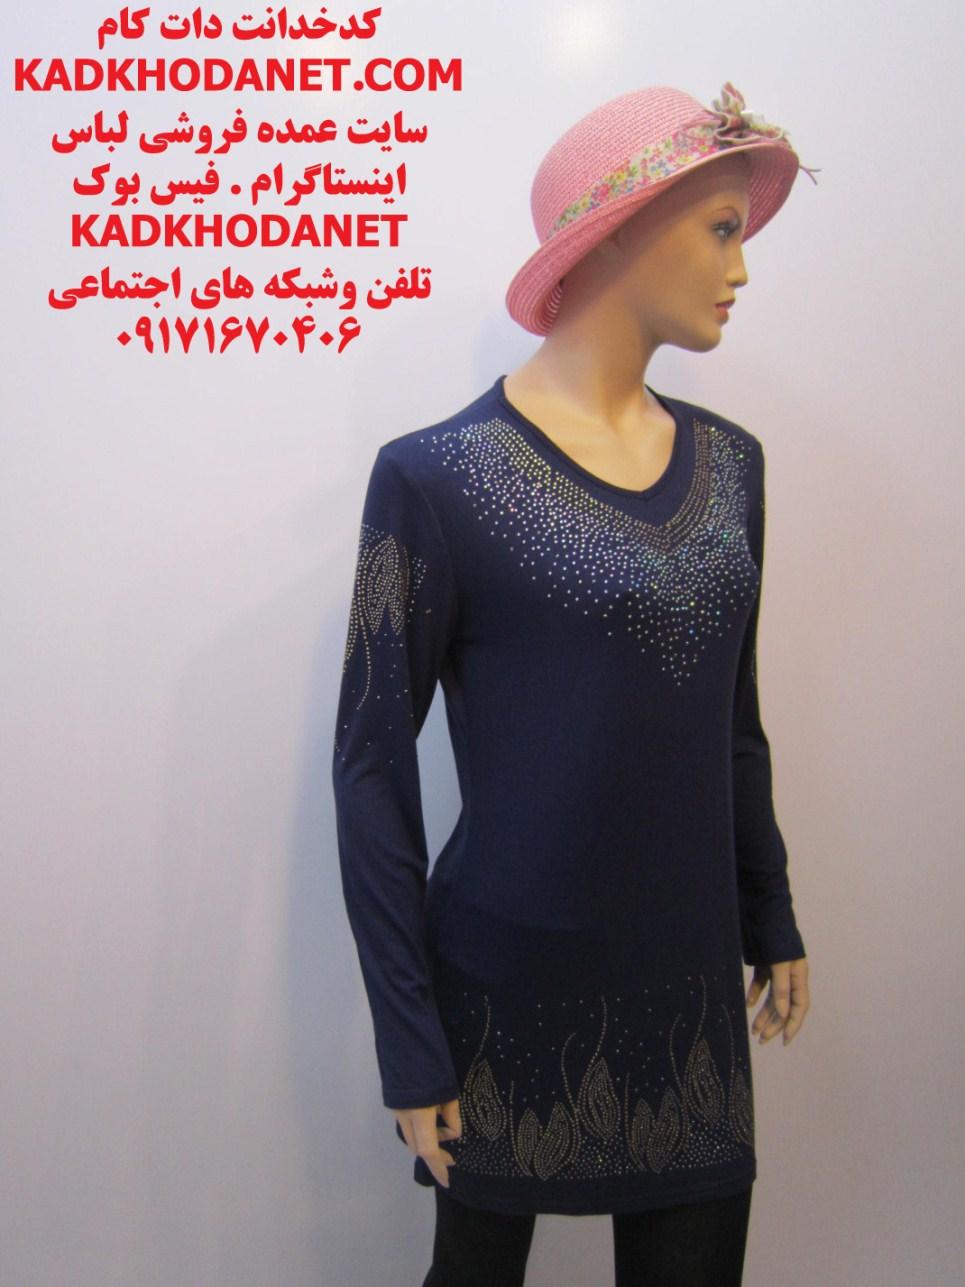 فروشگاه لباس زنانه فروشی (5)